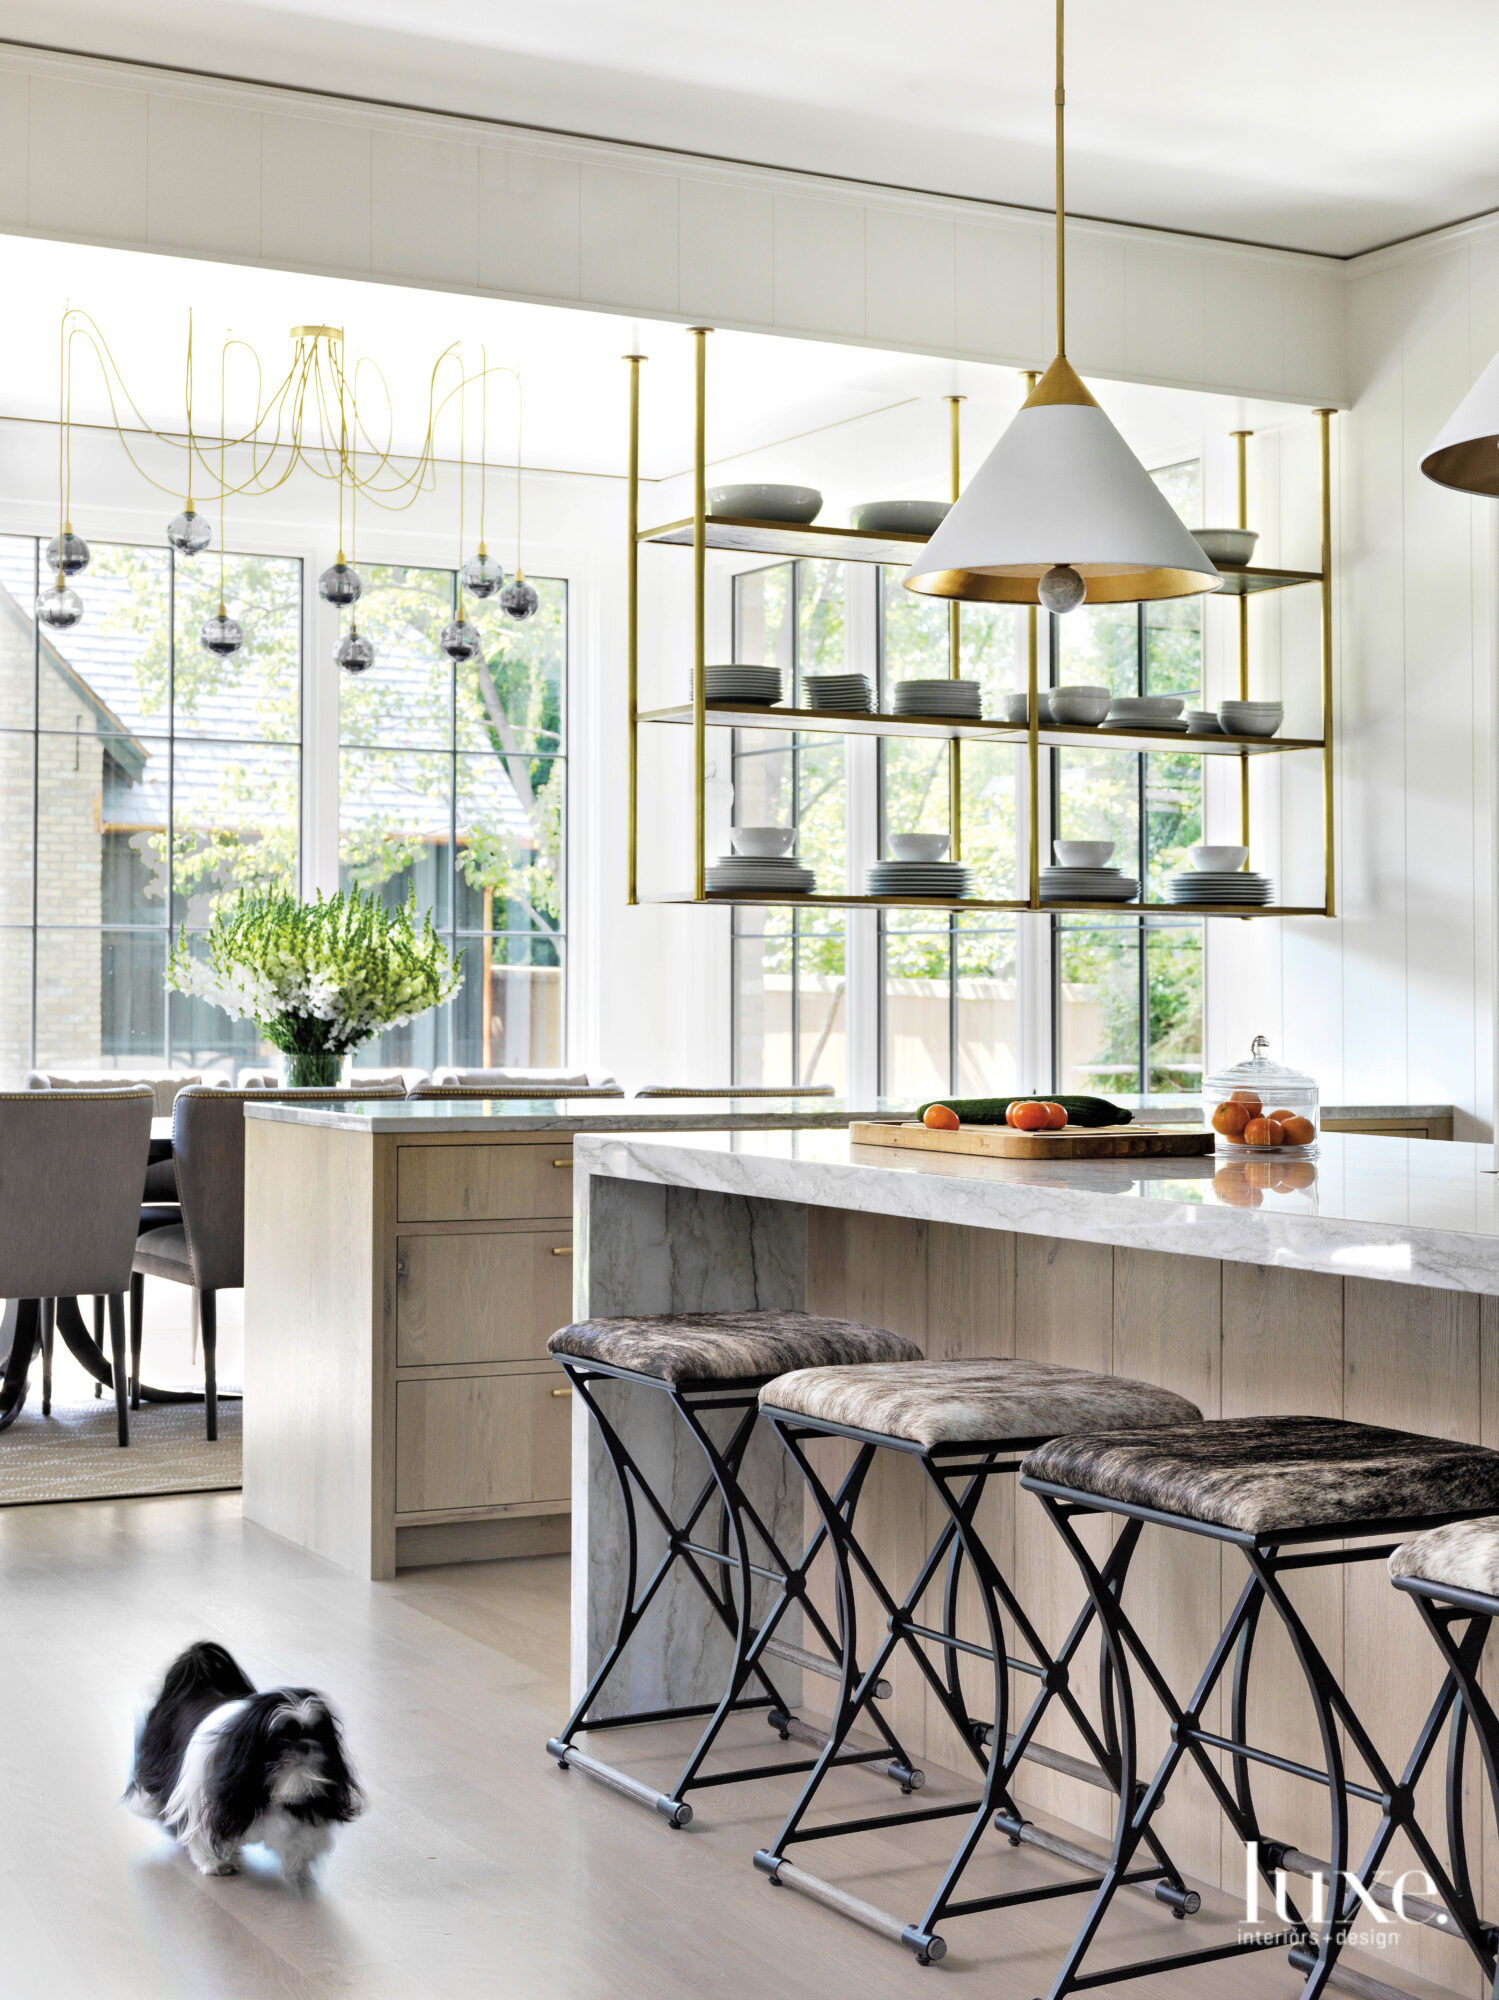 The kitchen has modern quartzite...